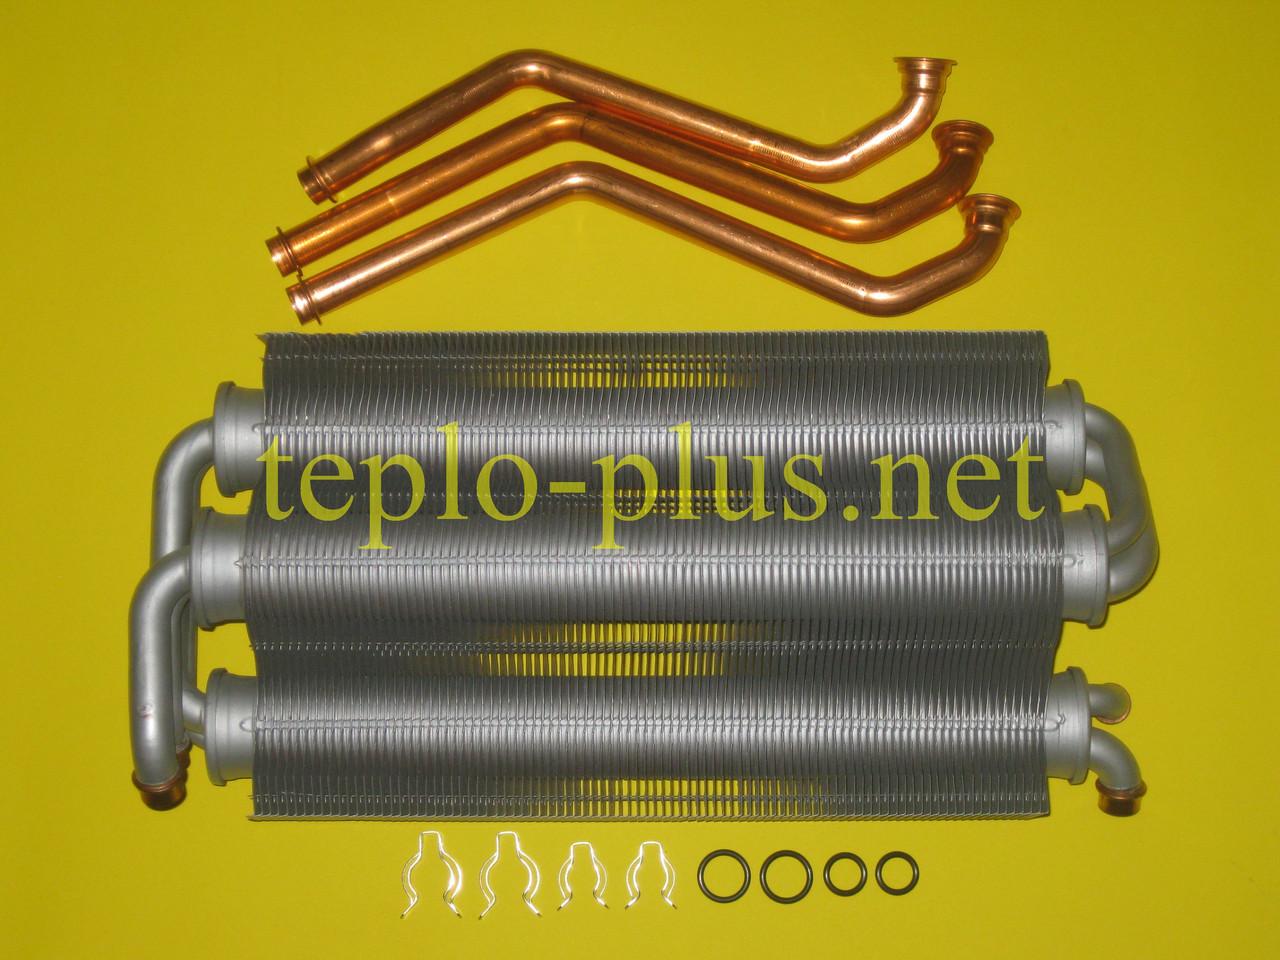 Теплообменник битермический 30 кВт 39819650 Ferroli Domicompact С30, F30, С30D, F30D, FerellaZip C30, F30